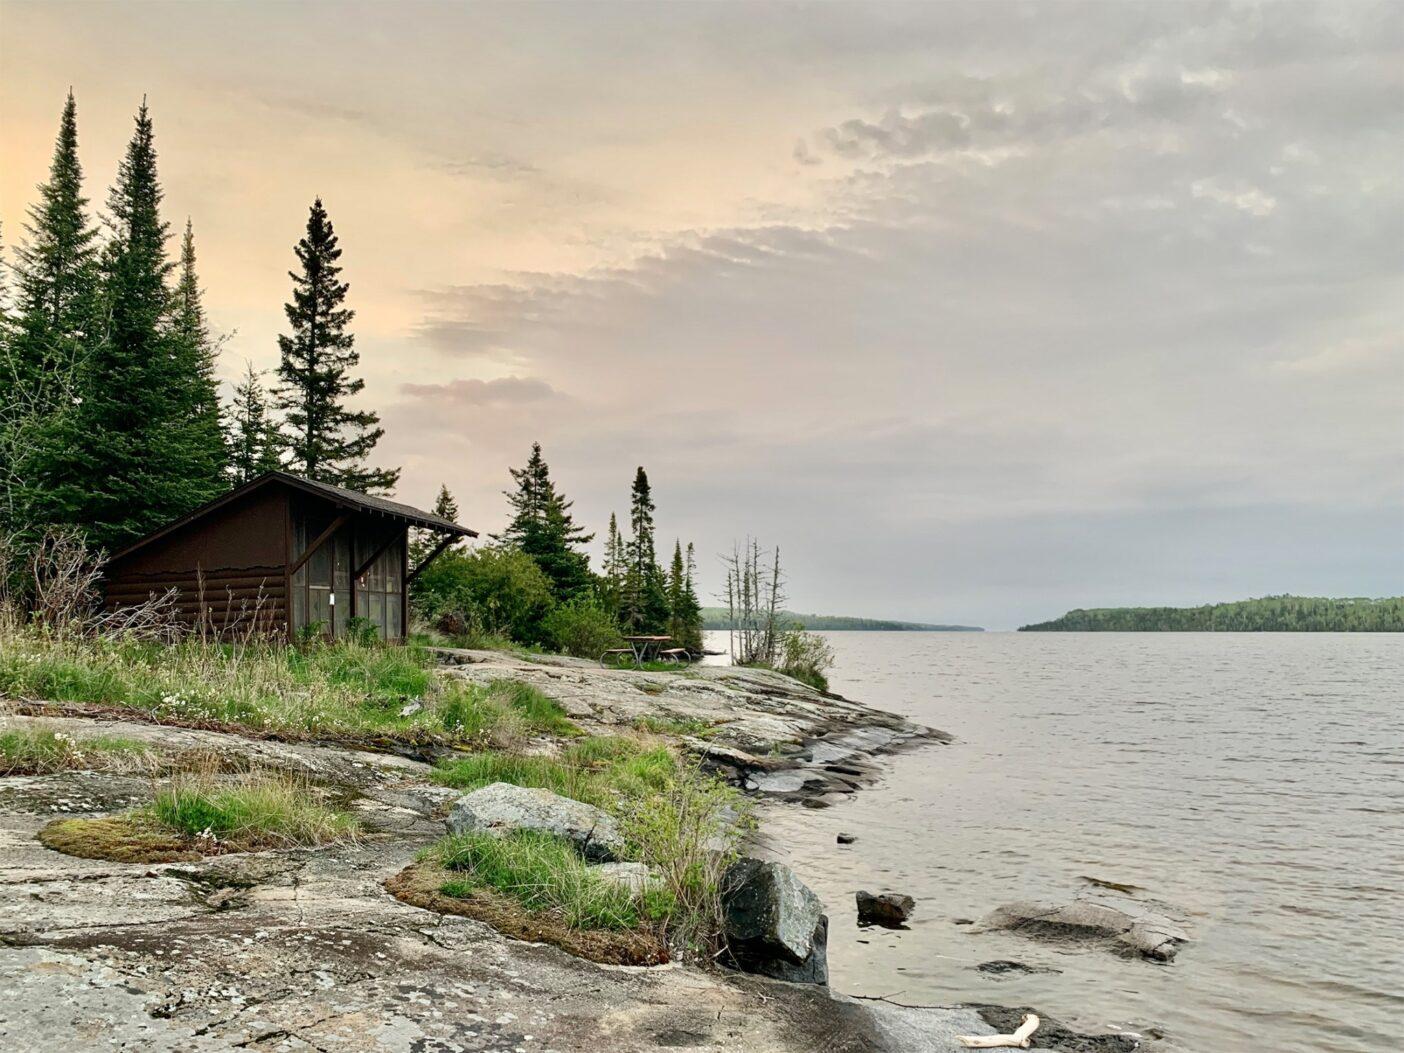 その夜の宿。モスキーベイシンのキャンプ場の避難小屋。Photo: Monica Prelle